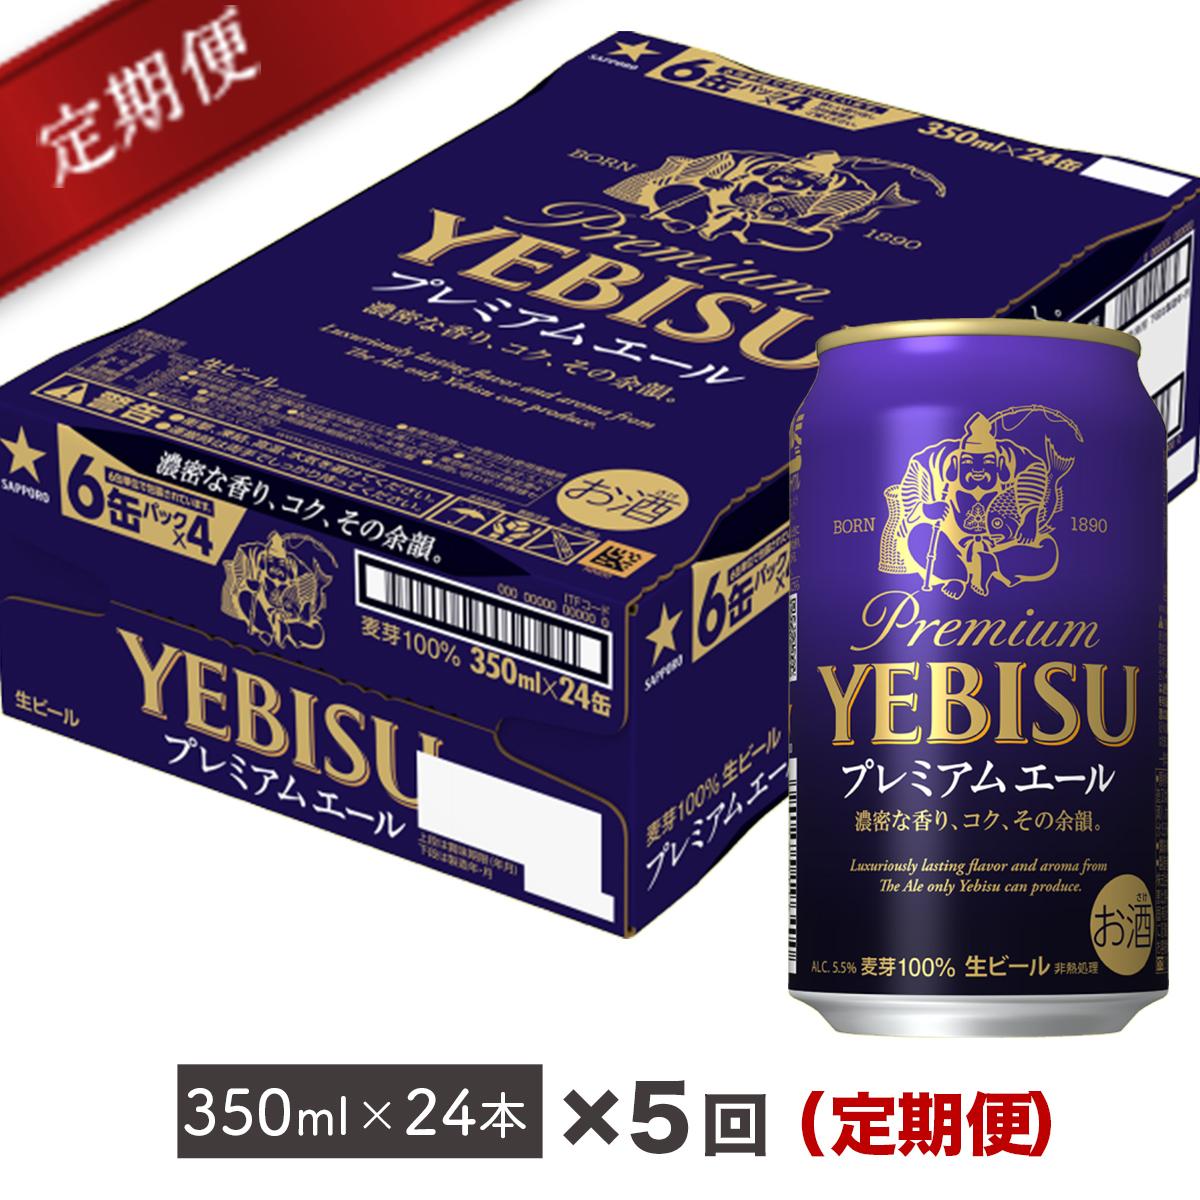 【ふるさと納税】ヱビス プレミアムエール ビール 缶350ml×24本(1ケース)を5回お届け